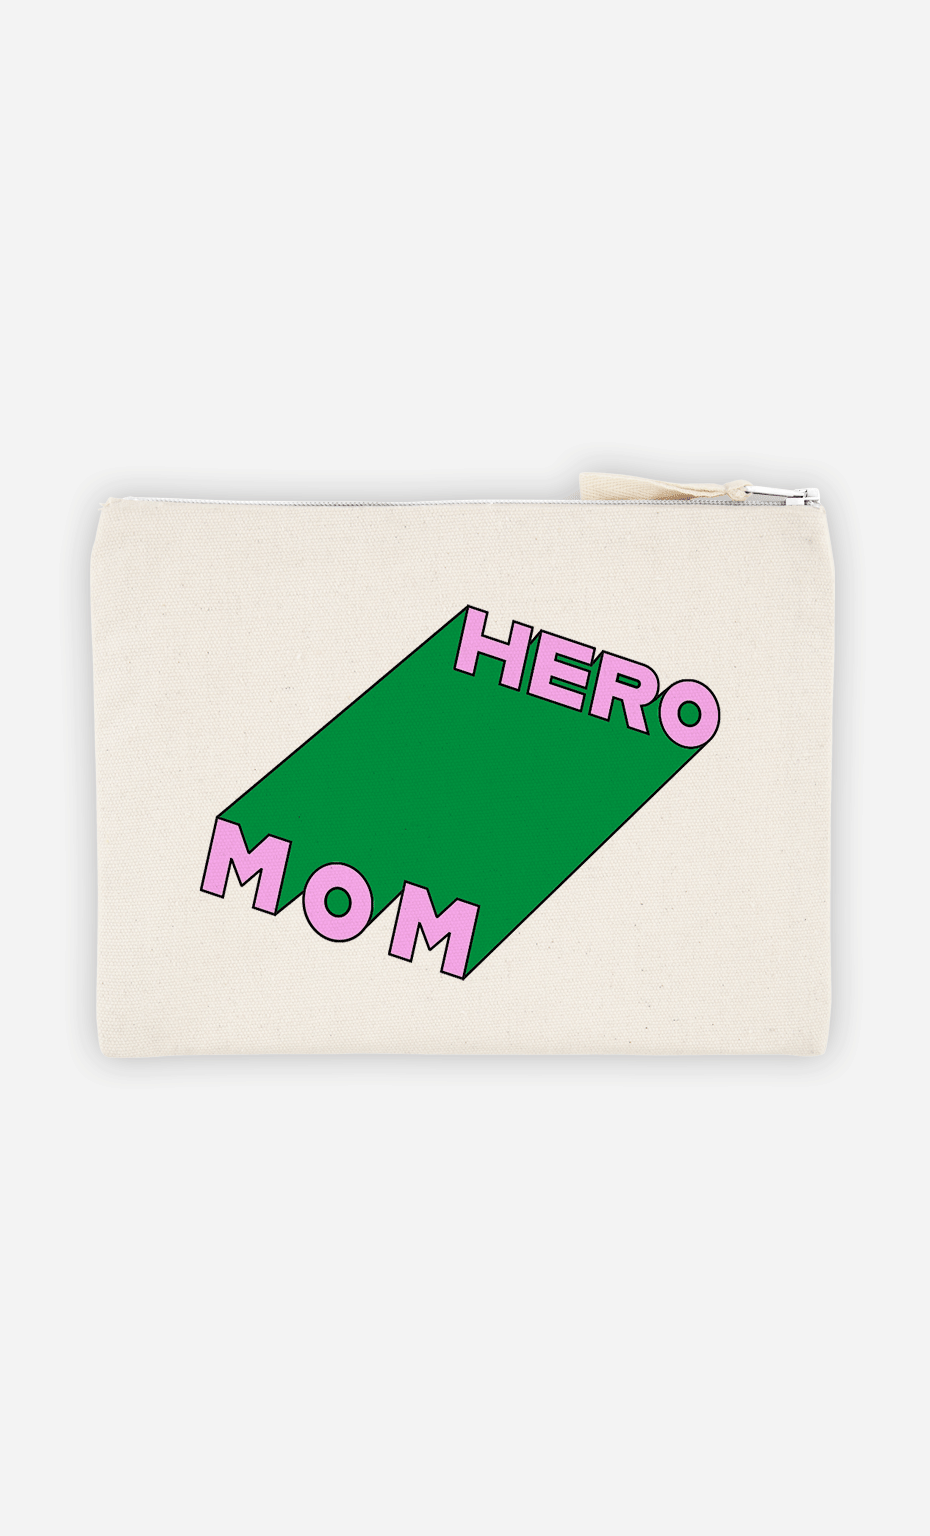 Pochette Mom Hero